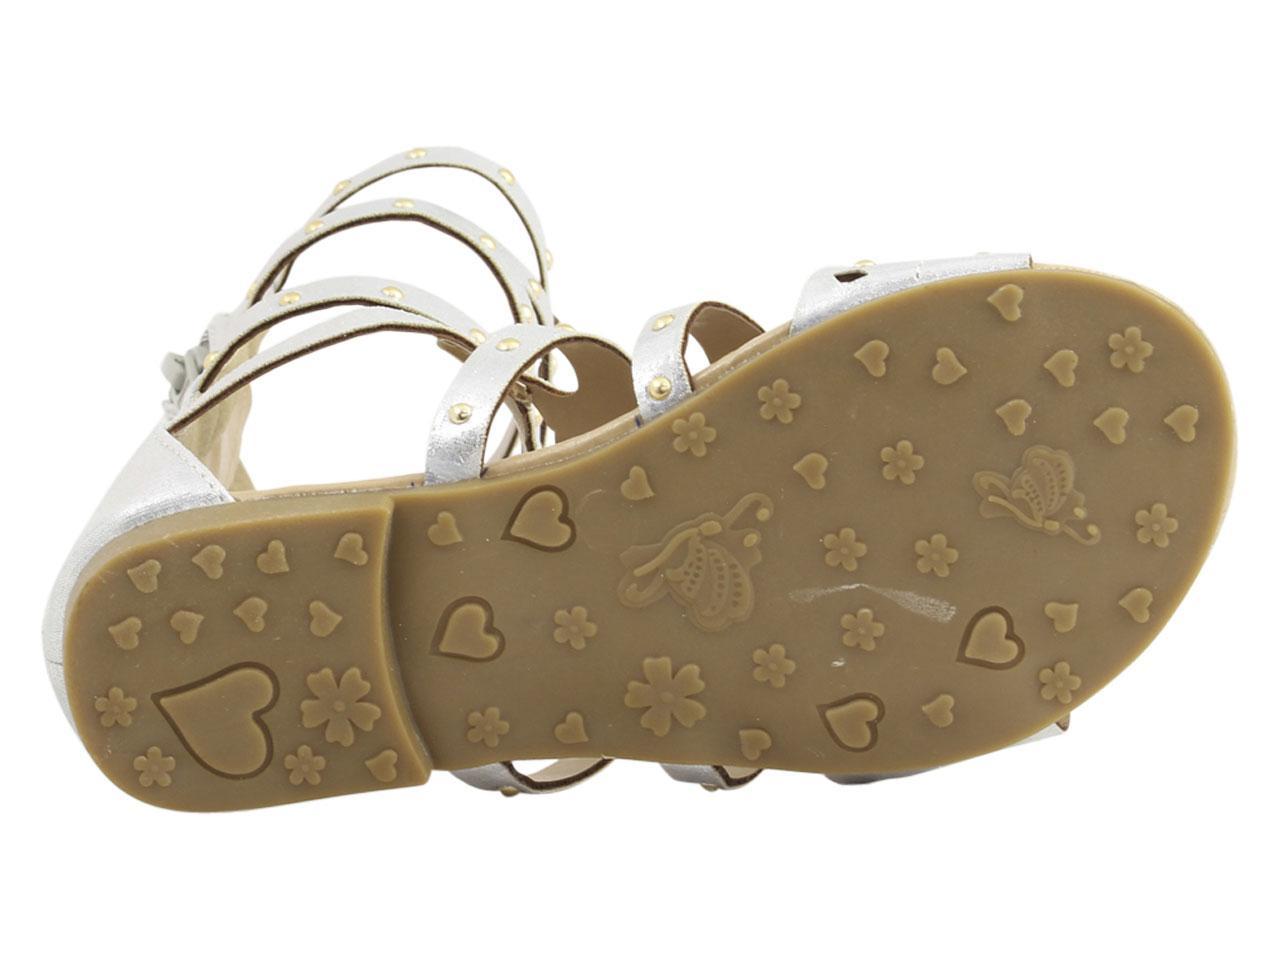 b2f267a34fec Nanette Lepore Little Big Girl s Studded Gladiator Sandals Shoes